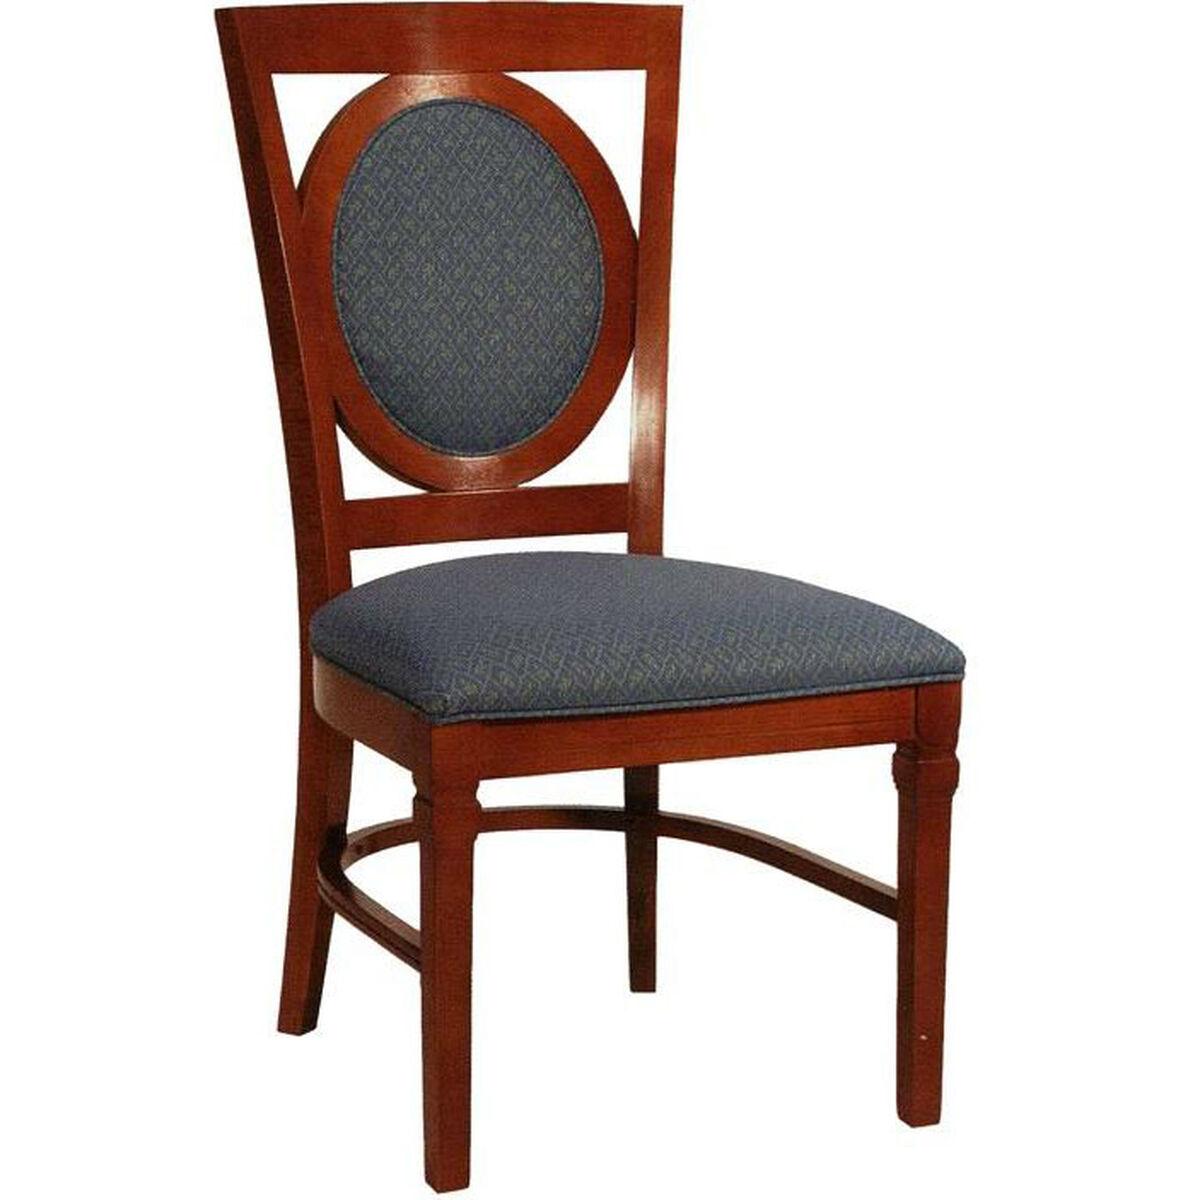 Upholstered side chair grade